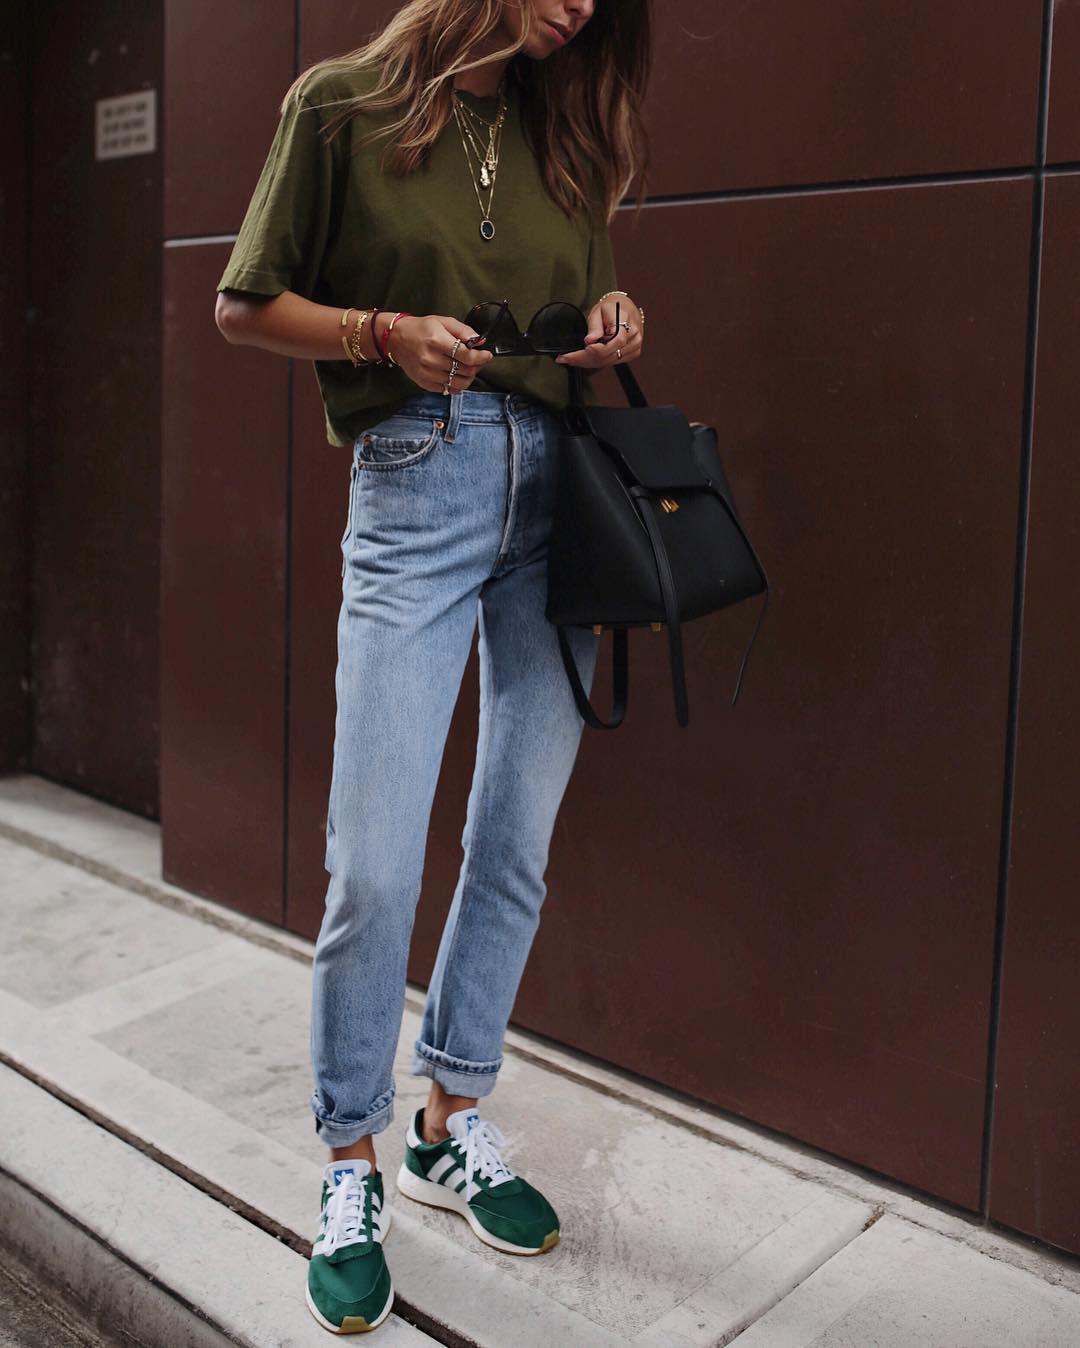 футболка заправленная в джинсы фото 10